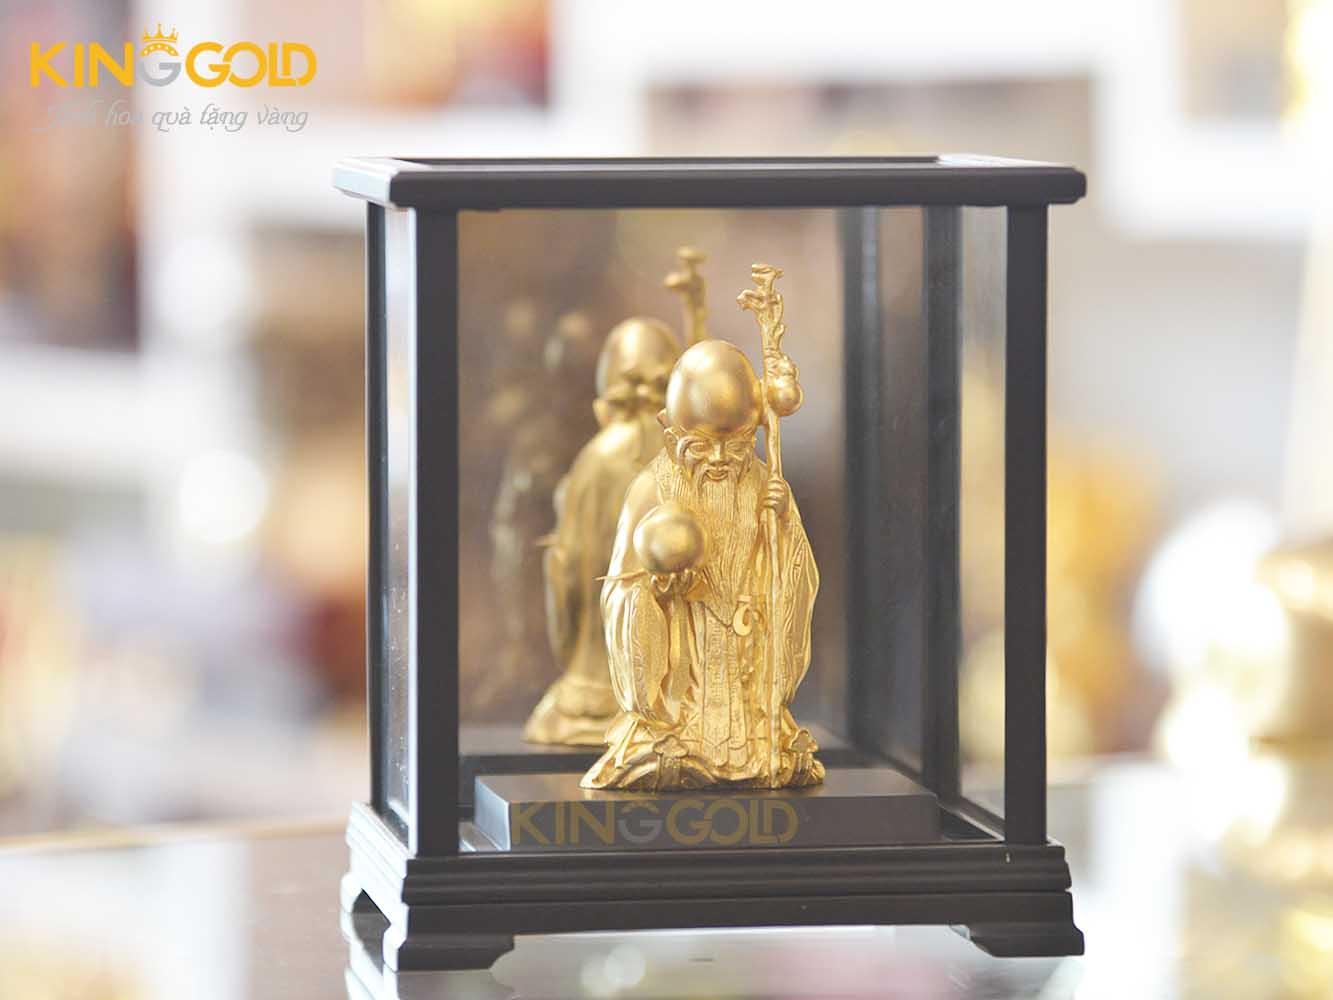 Tượng ông thọ bằng đồng mạ vàng để hộp kính sang trọng